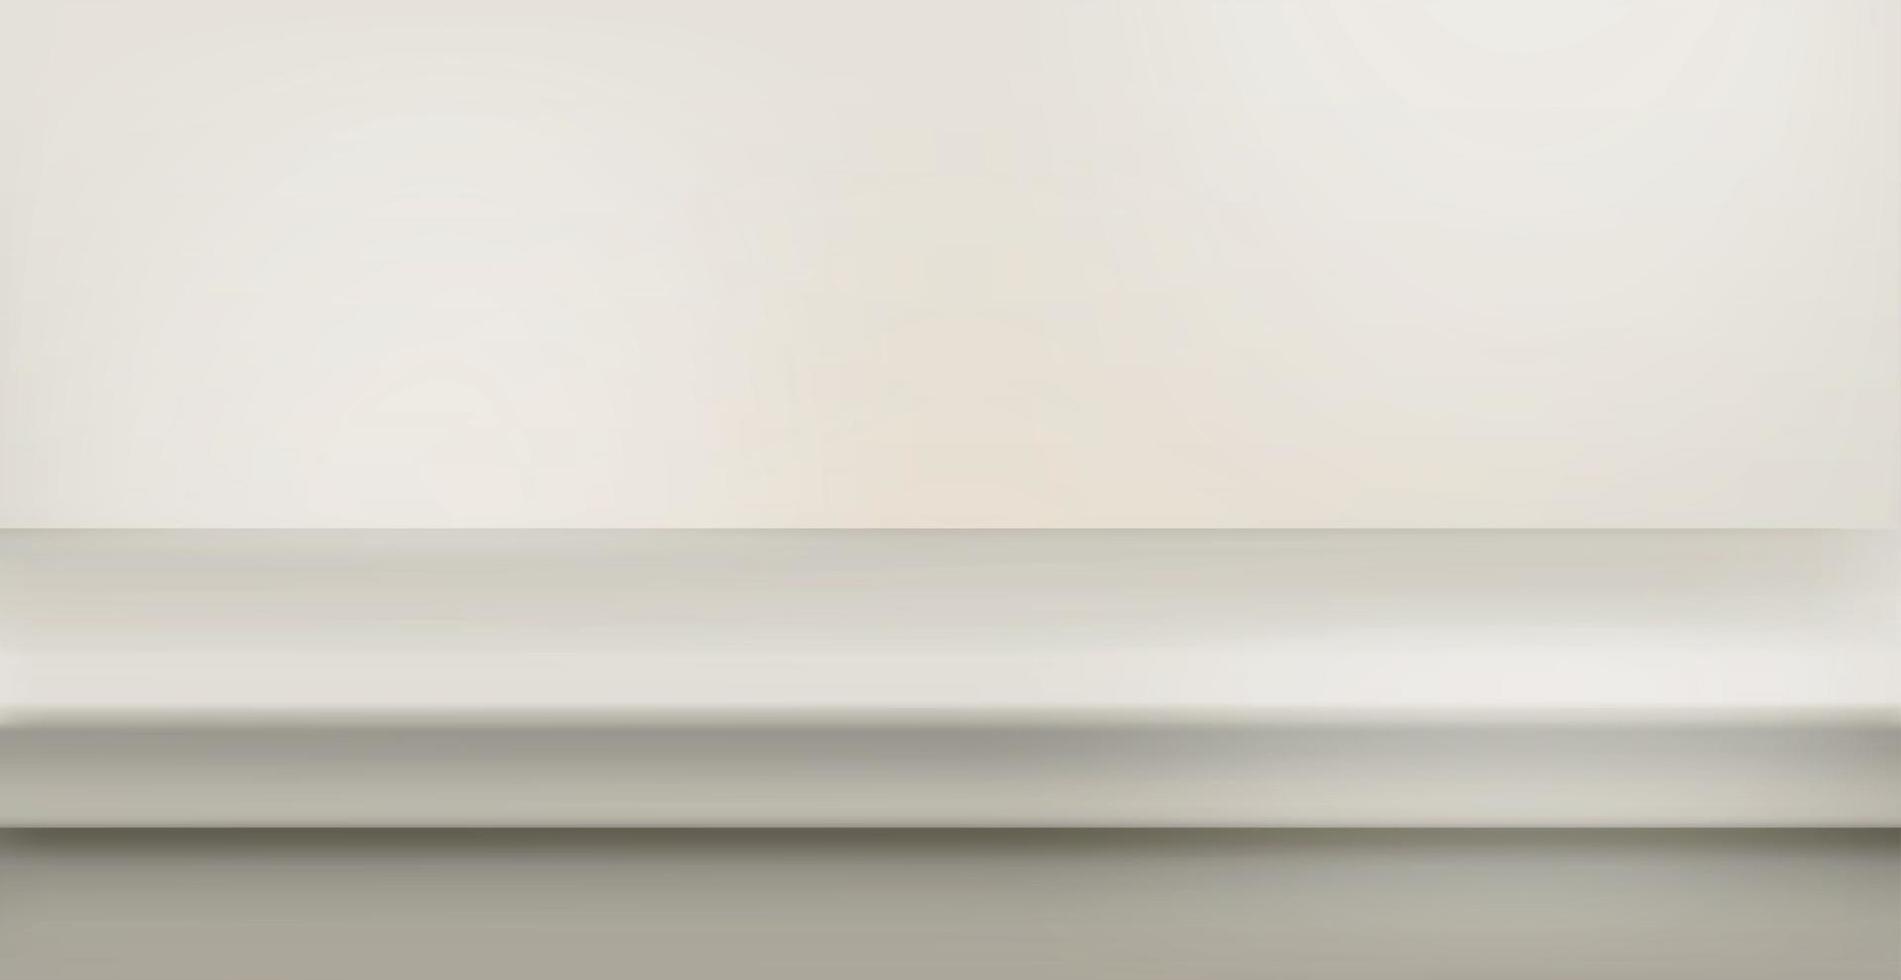 kök bänkskiva, sten konsistens, bar bord - vektor